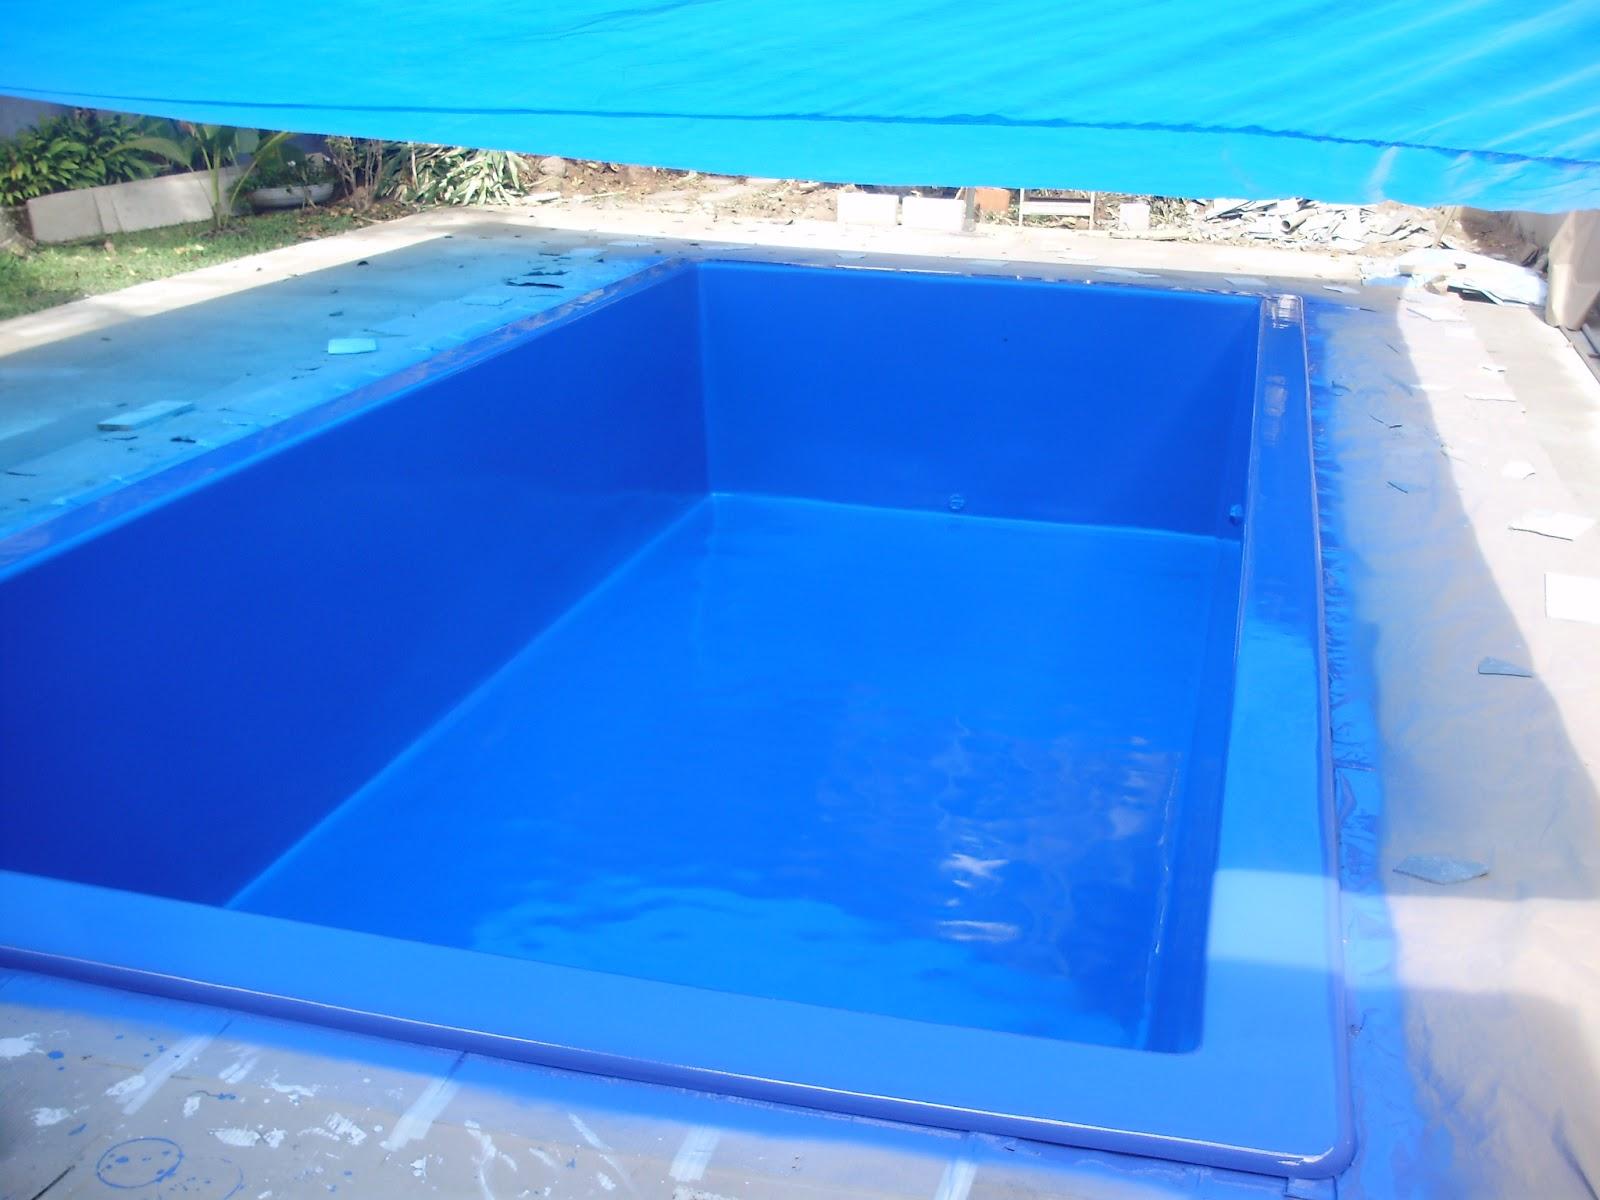 Cooper fibra banheiras pintura de piscina de fibra em - Pintura de piscina ...